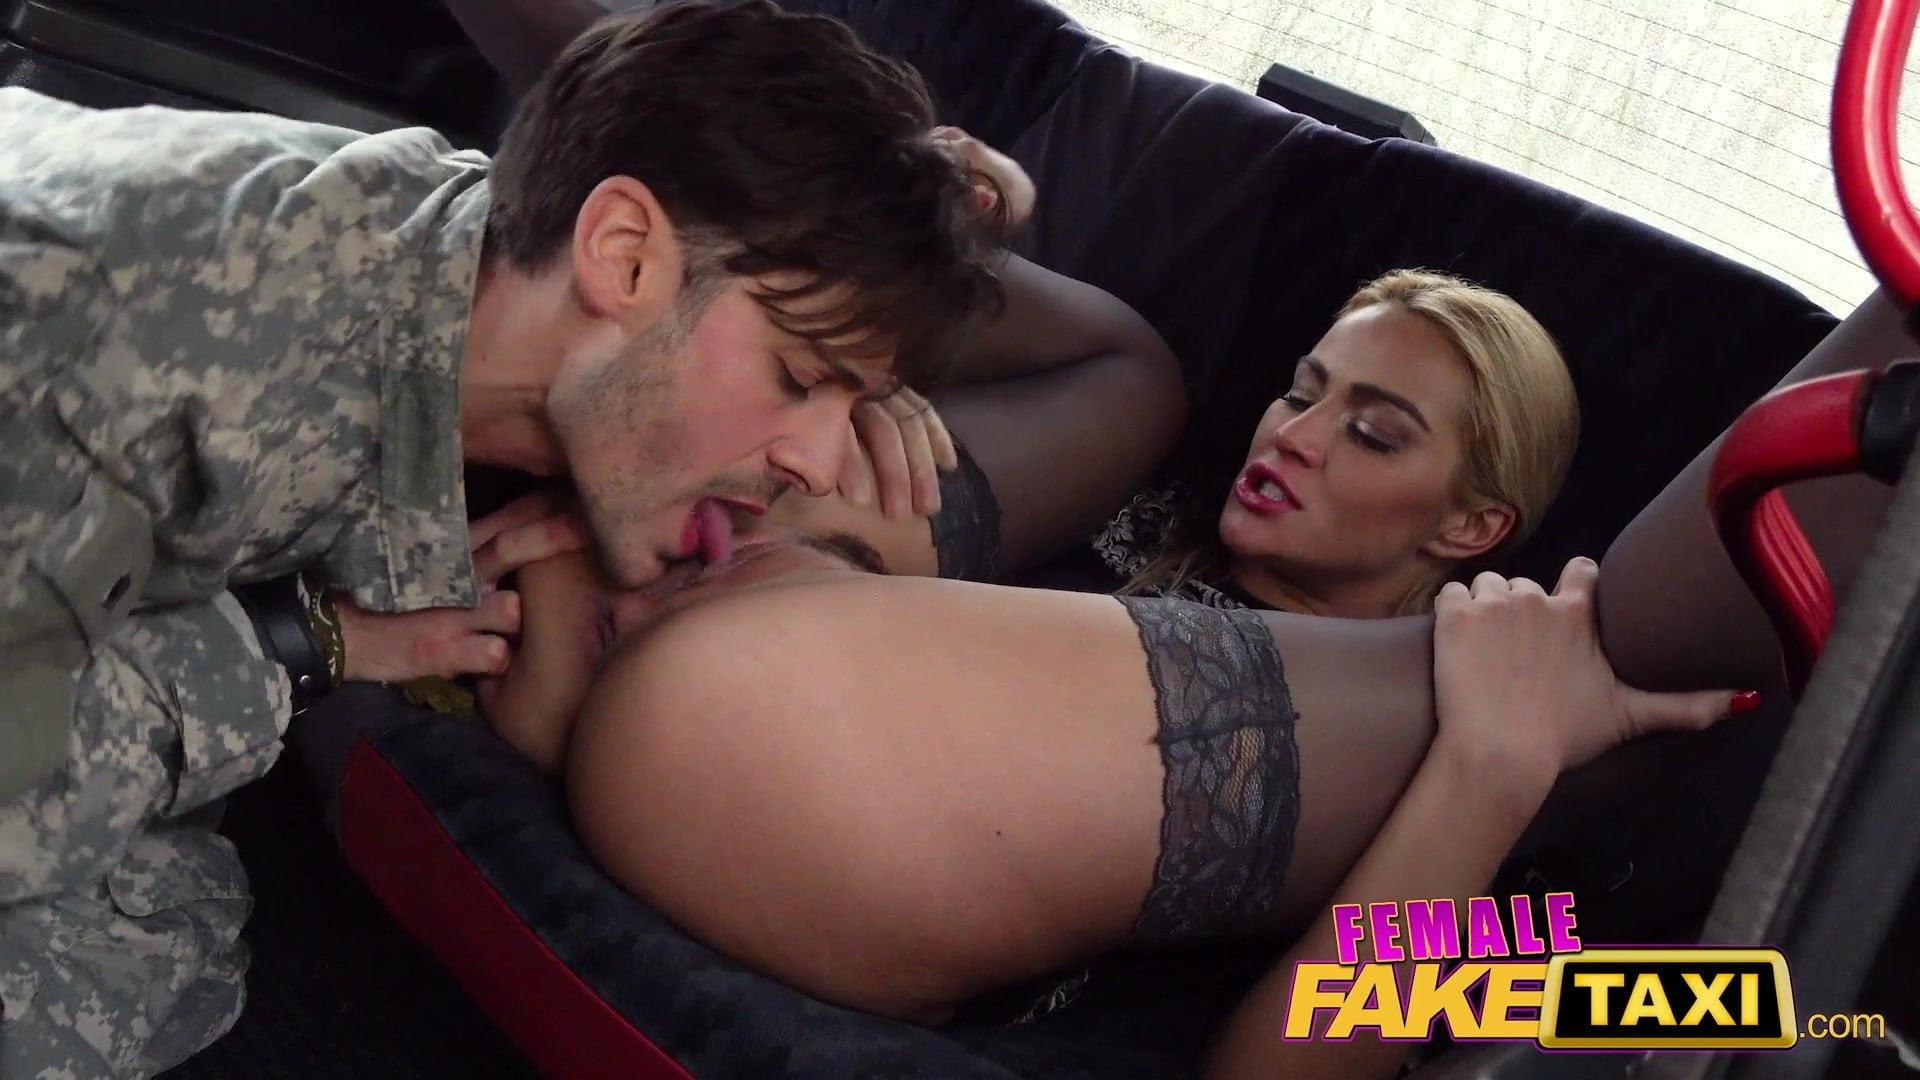 Female Fake Taxi Elicia Solis